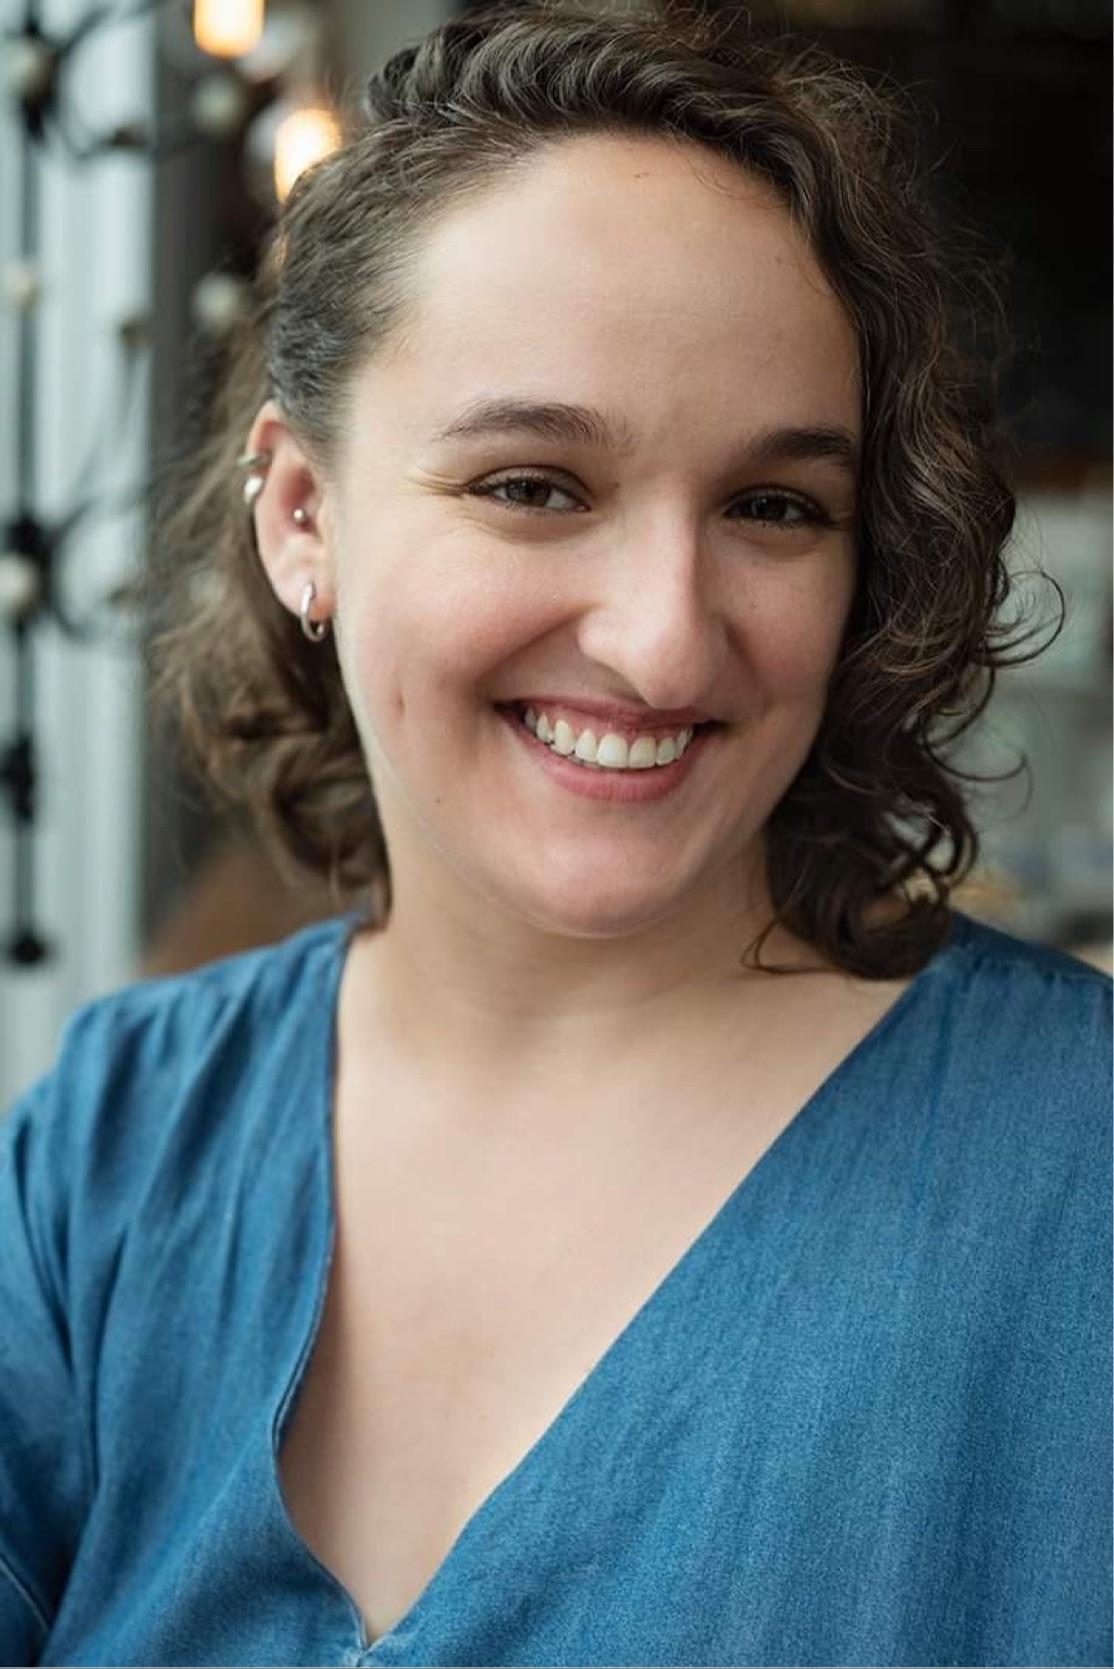 Bienvenue à notre nouvelle présidente, Mélanie Ederer!